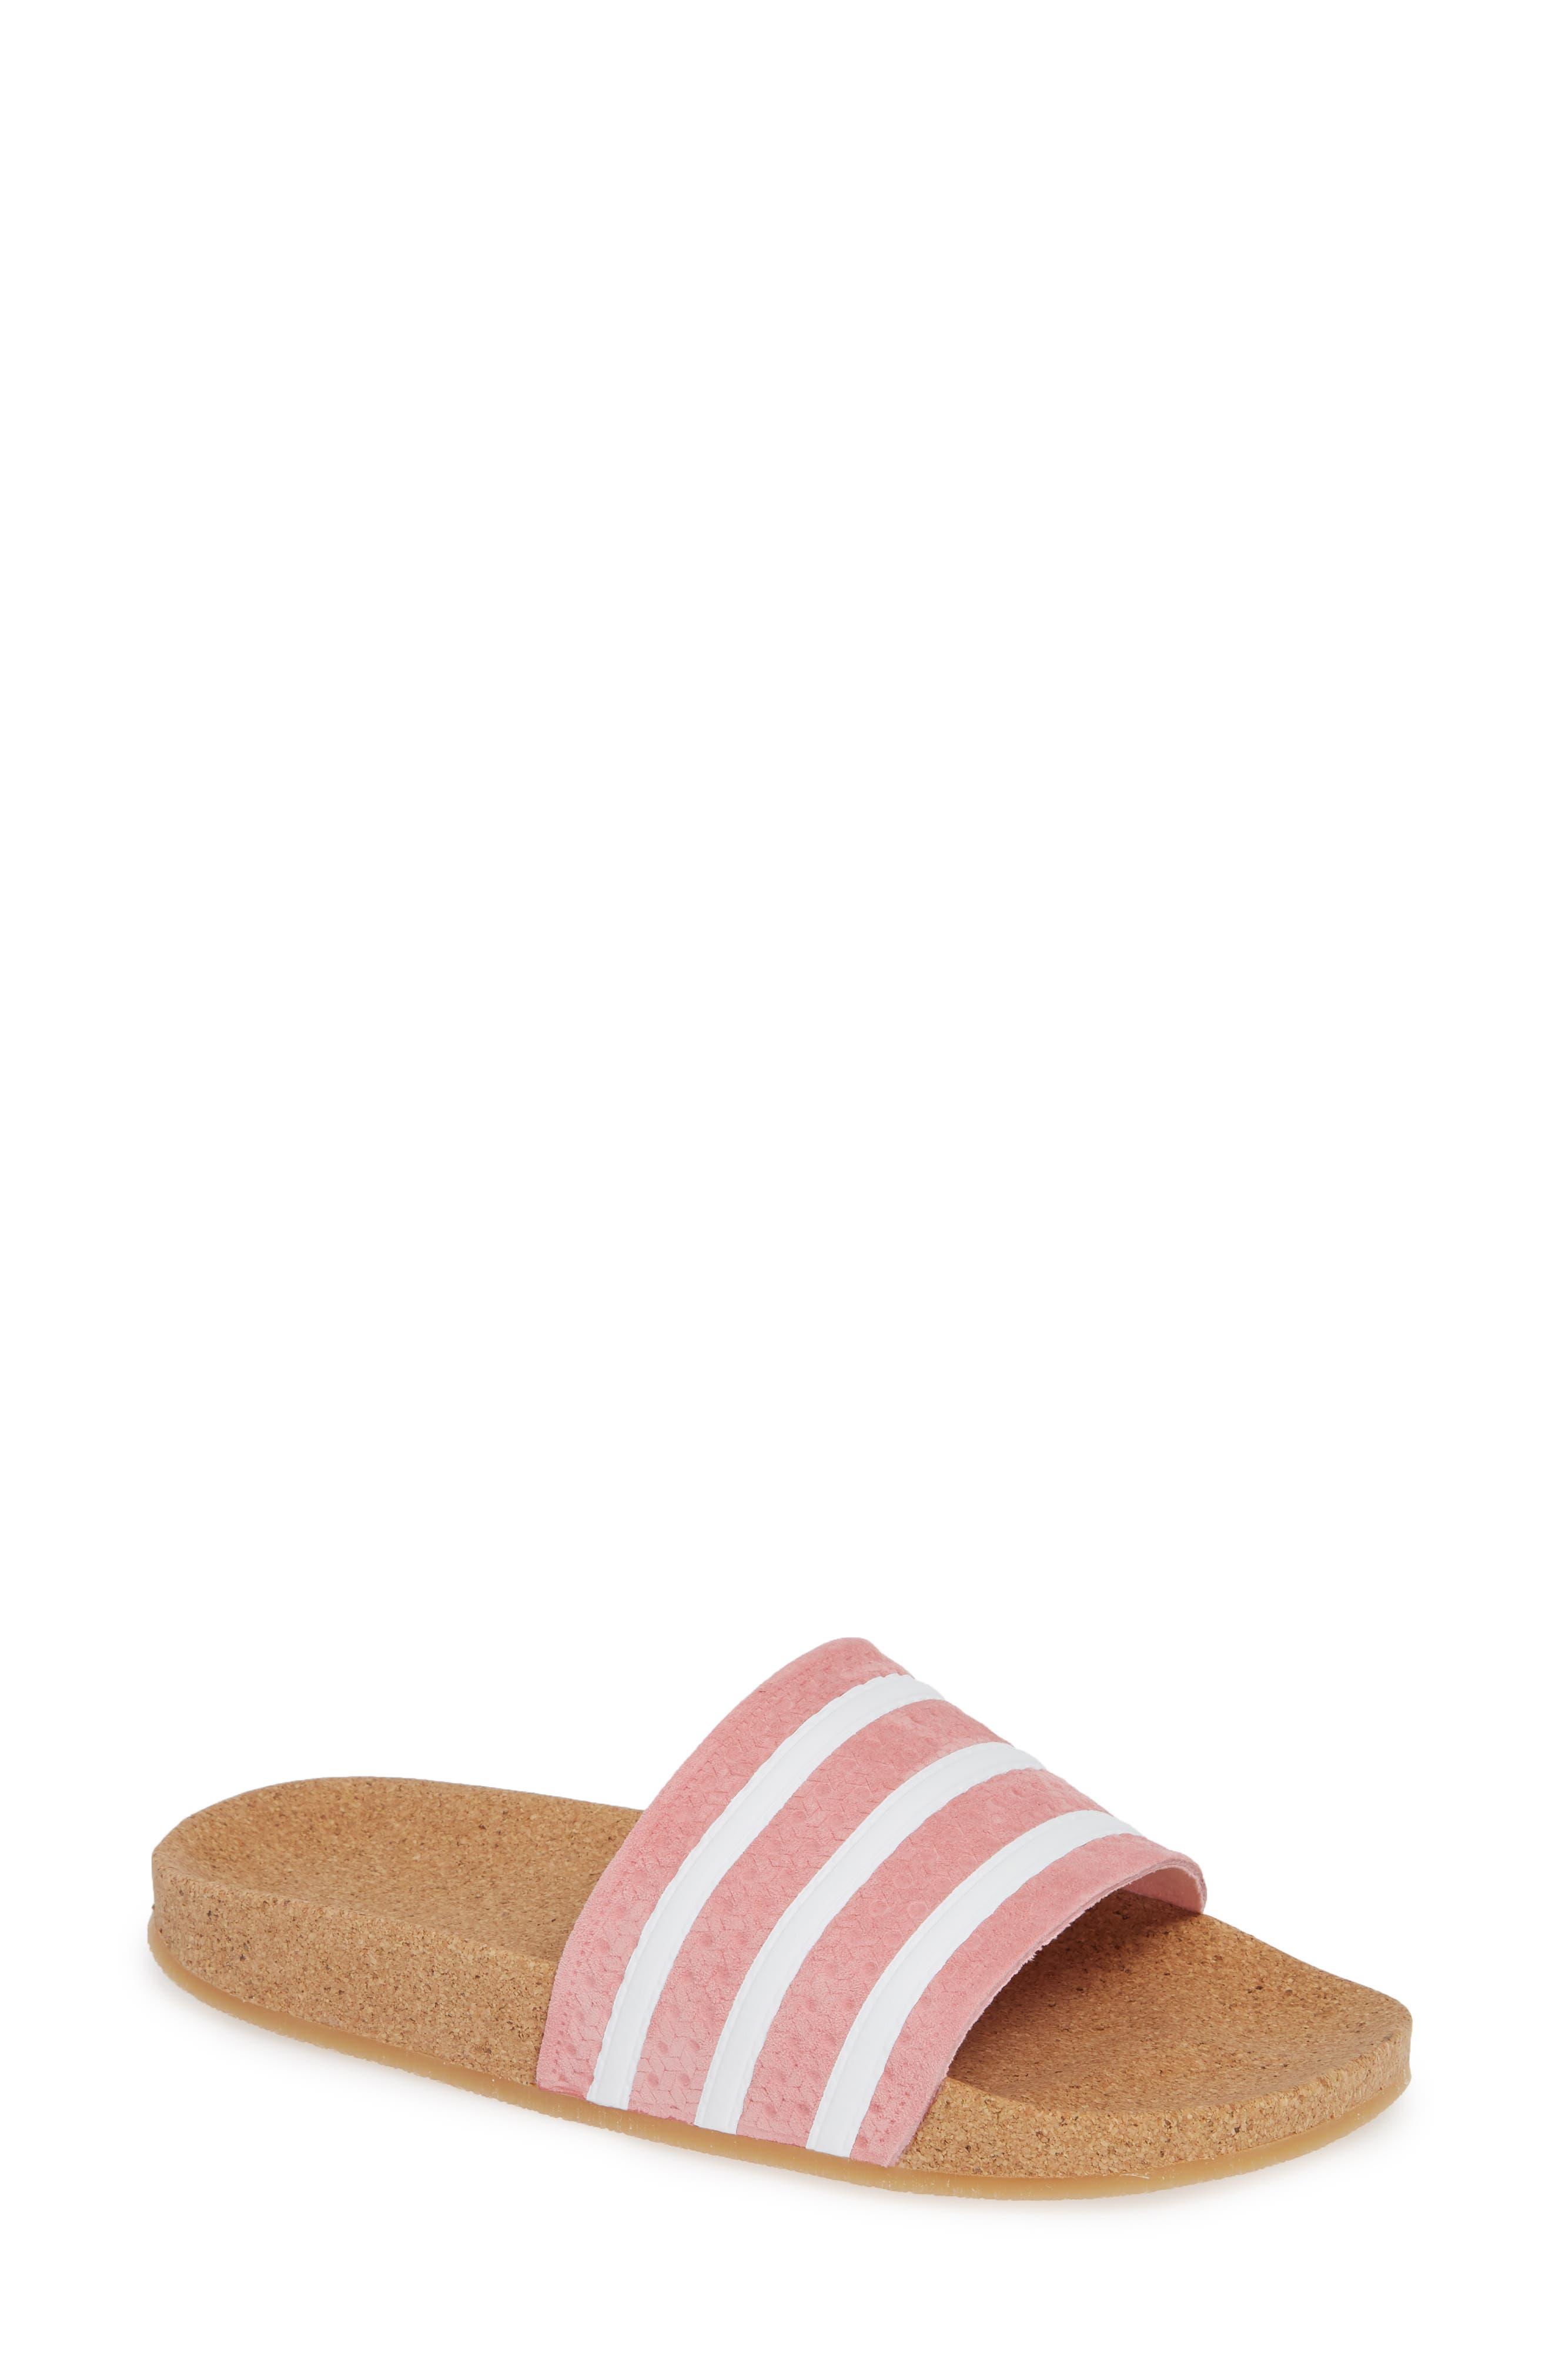 Adilette Slide Sandal,                             Main thumbnail 1, color,                             SUPER POP/ WHITE/ GUM4